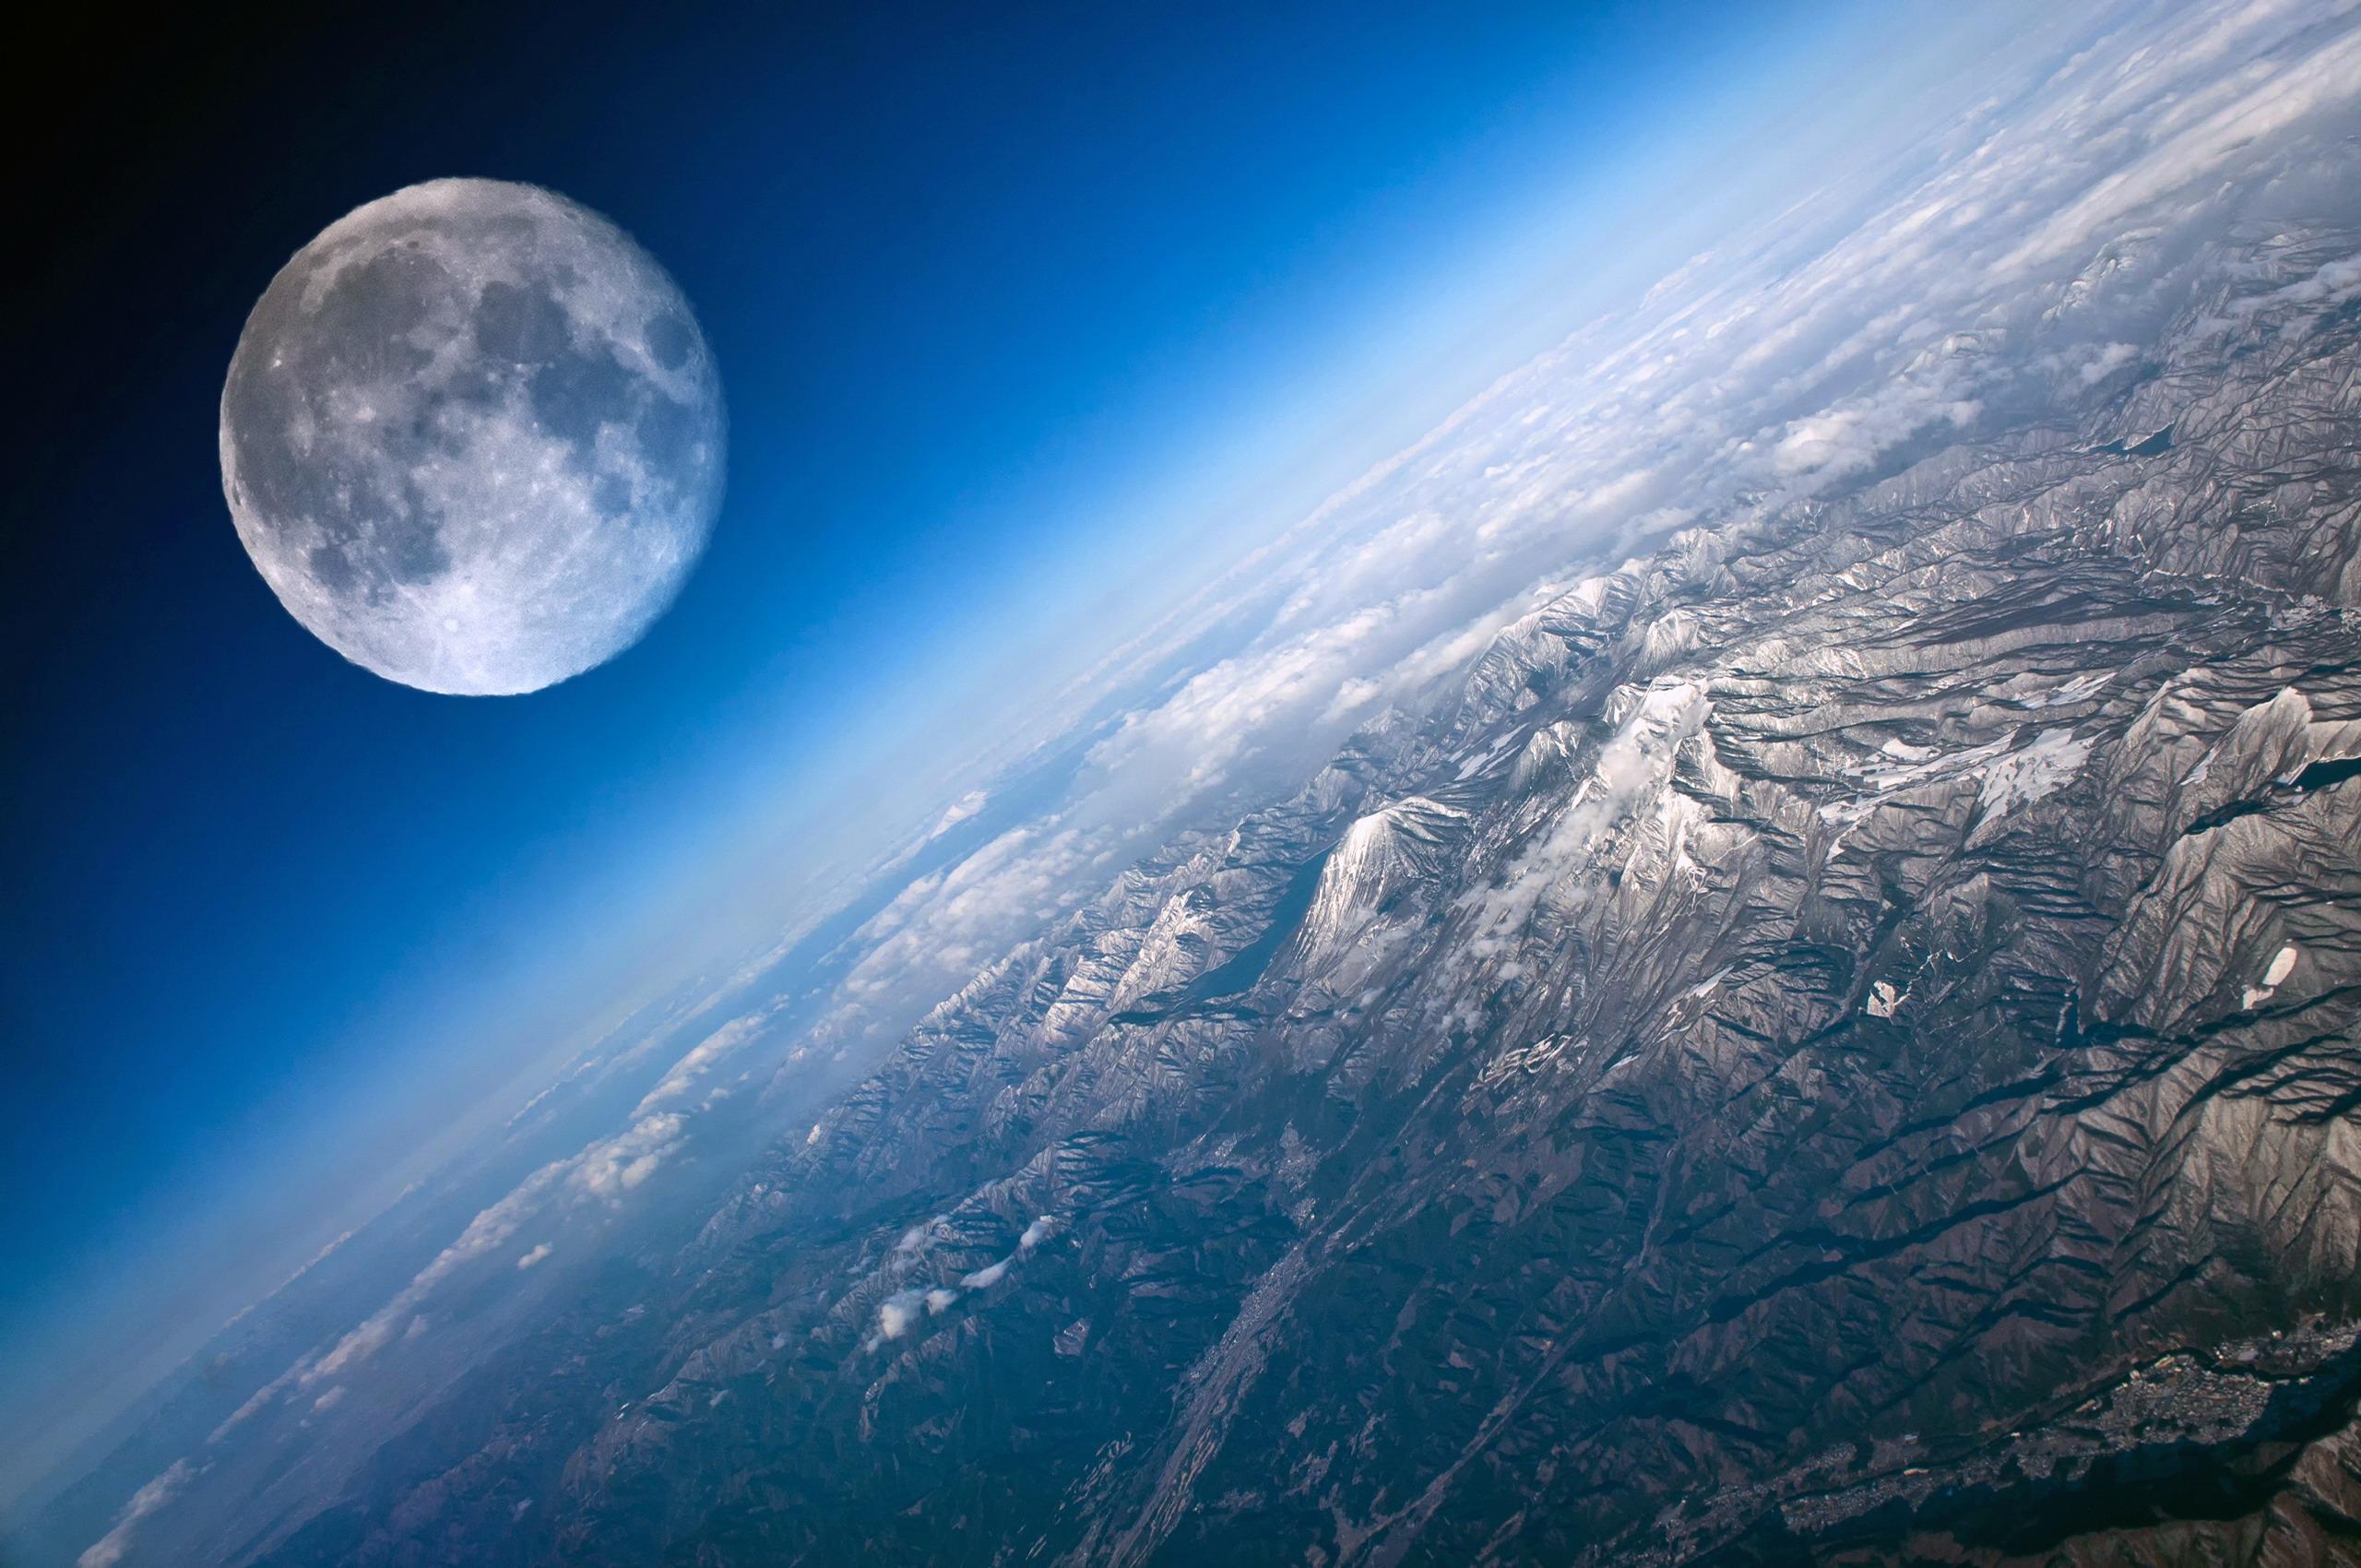 На поверхности планет : горы с высоты - Космос